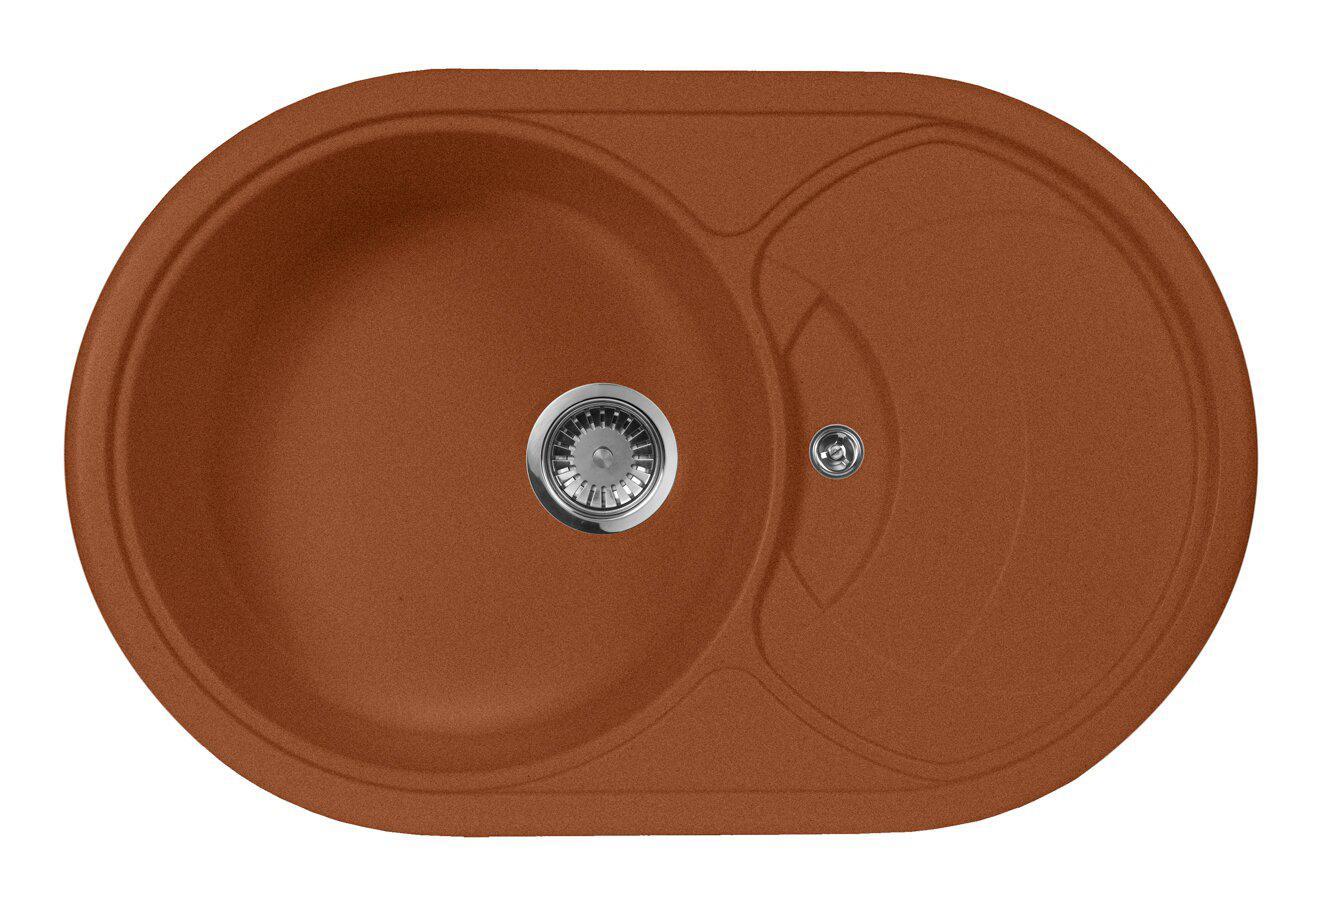 Мойка кухонная Aquagranitex M-18s (307)